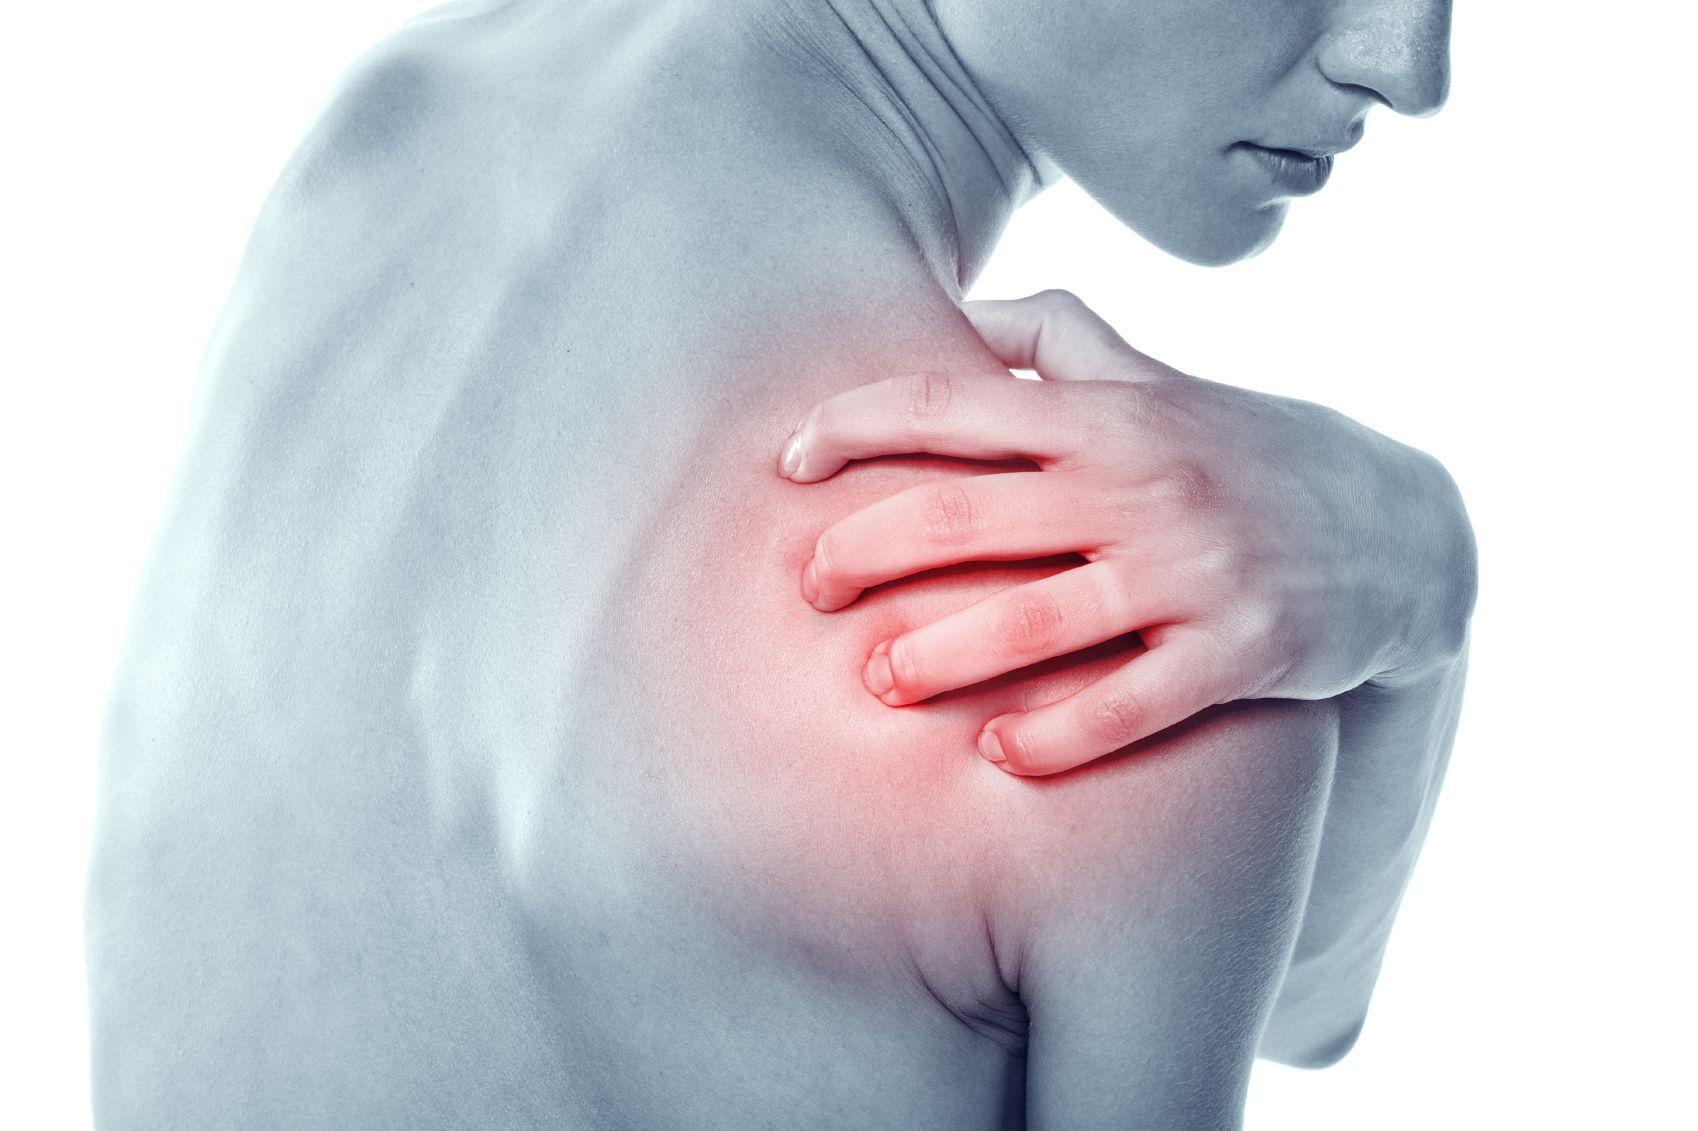 Dolore alla spalla, i sintomi e gli esercizi da fare